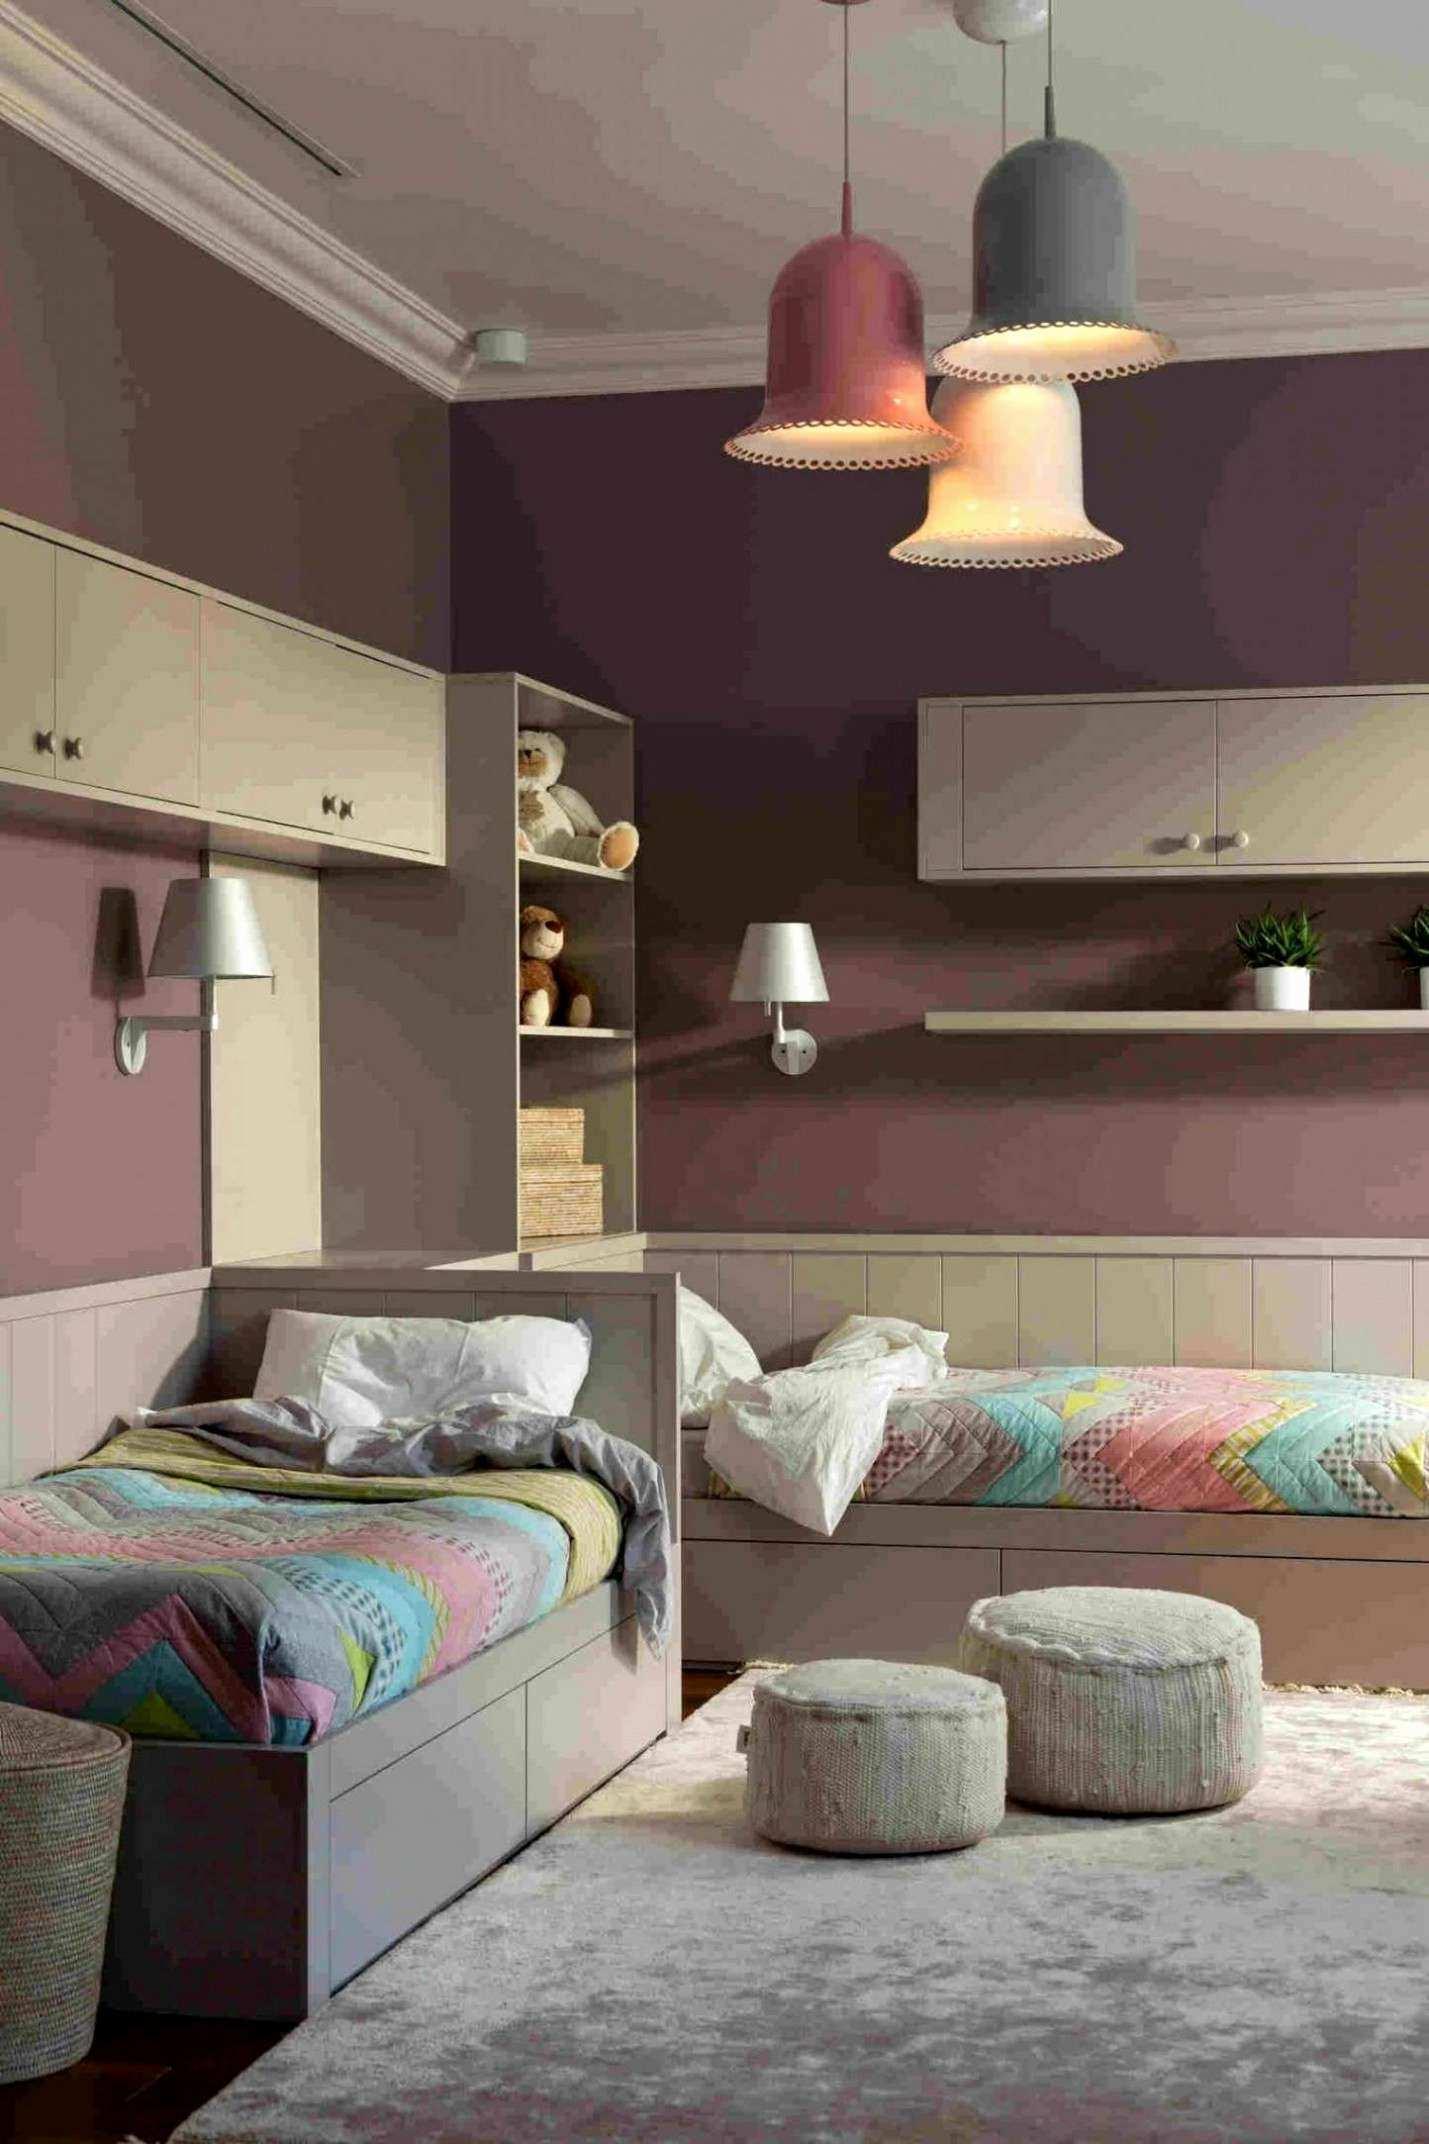 Full Size of Wohnzimmer Deckenleuchte Deckenleuchten Led Dimmbar Modern Ideen Messing Amazon Ikea Design 59 Schn Genial Tolles Stehlampe Deckenlampe Sessel Schrankwand Wohnzimmer Wohnzimmer Deckenleuchte